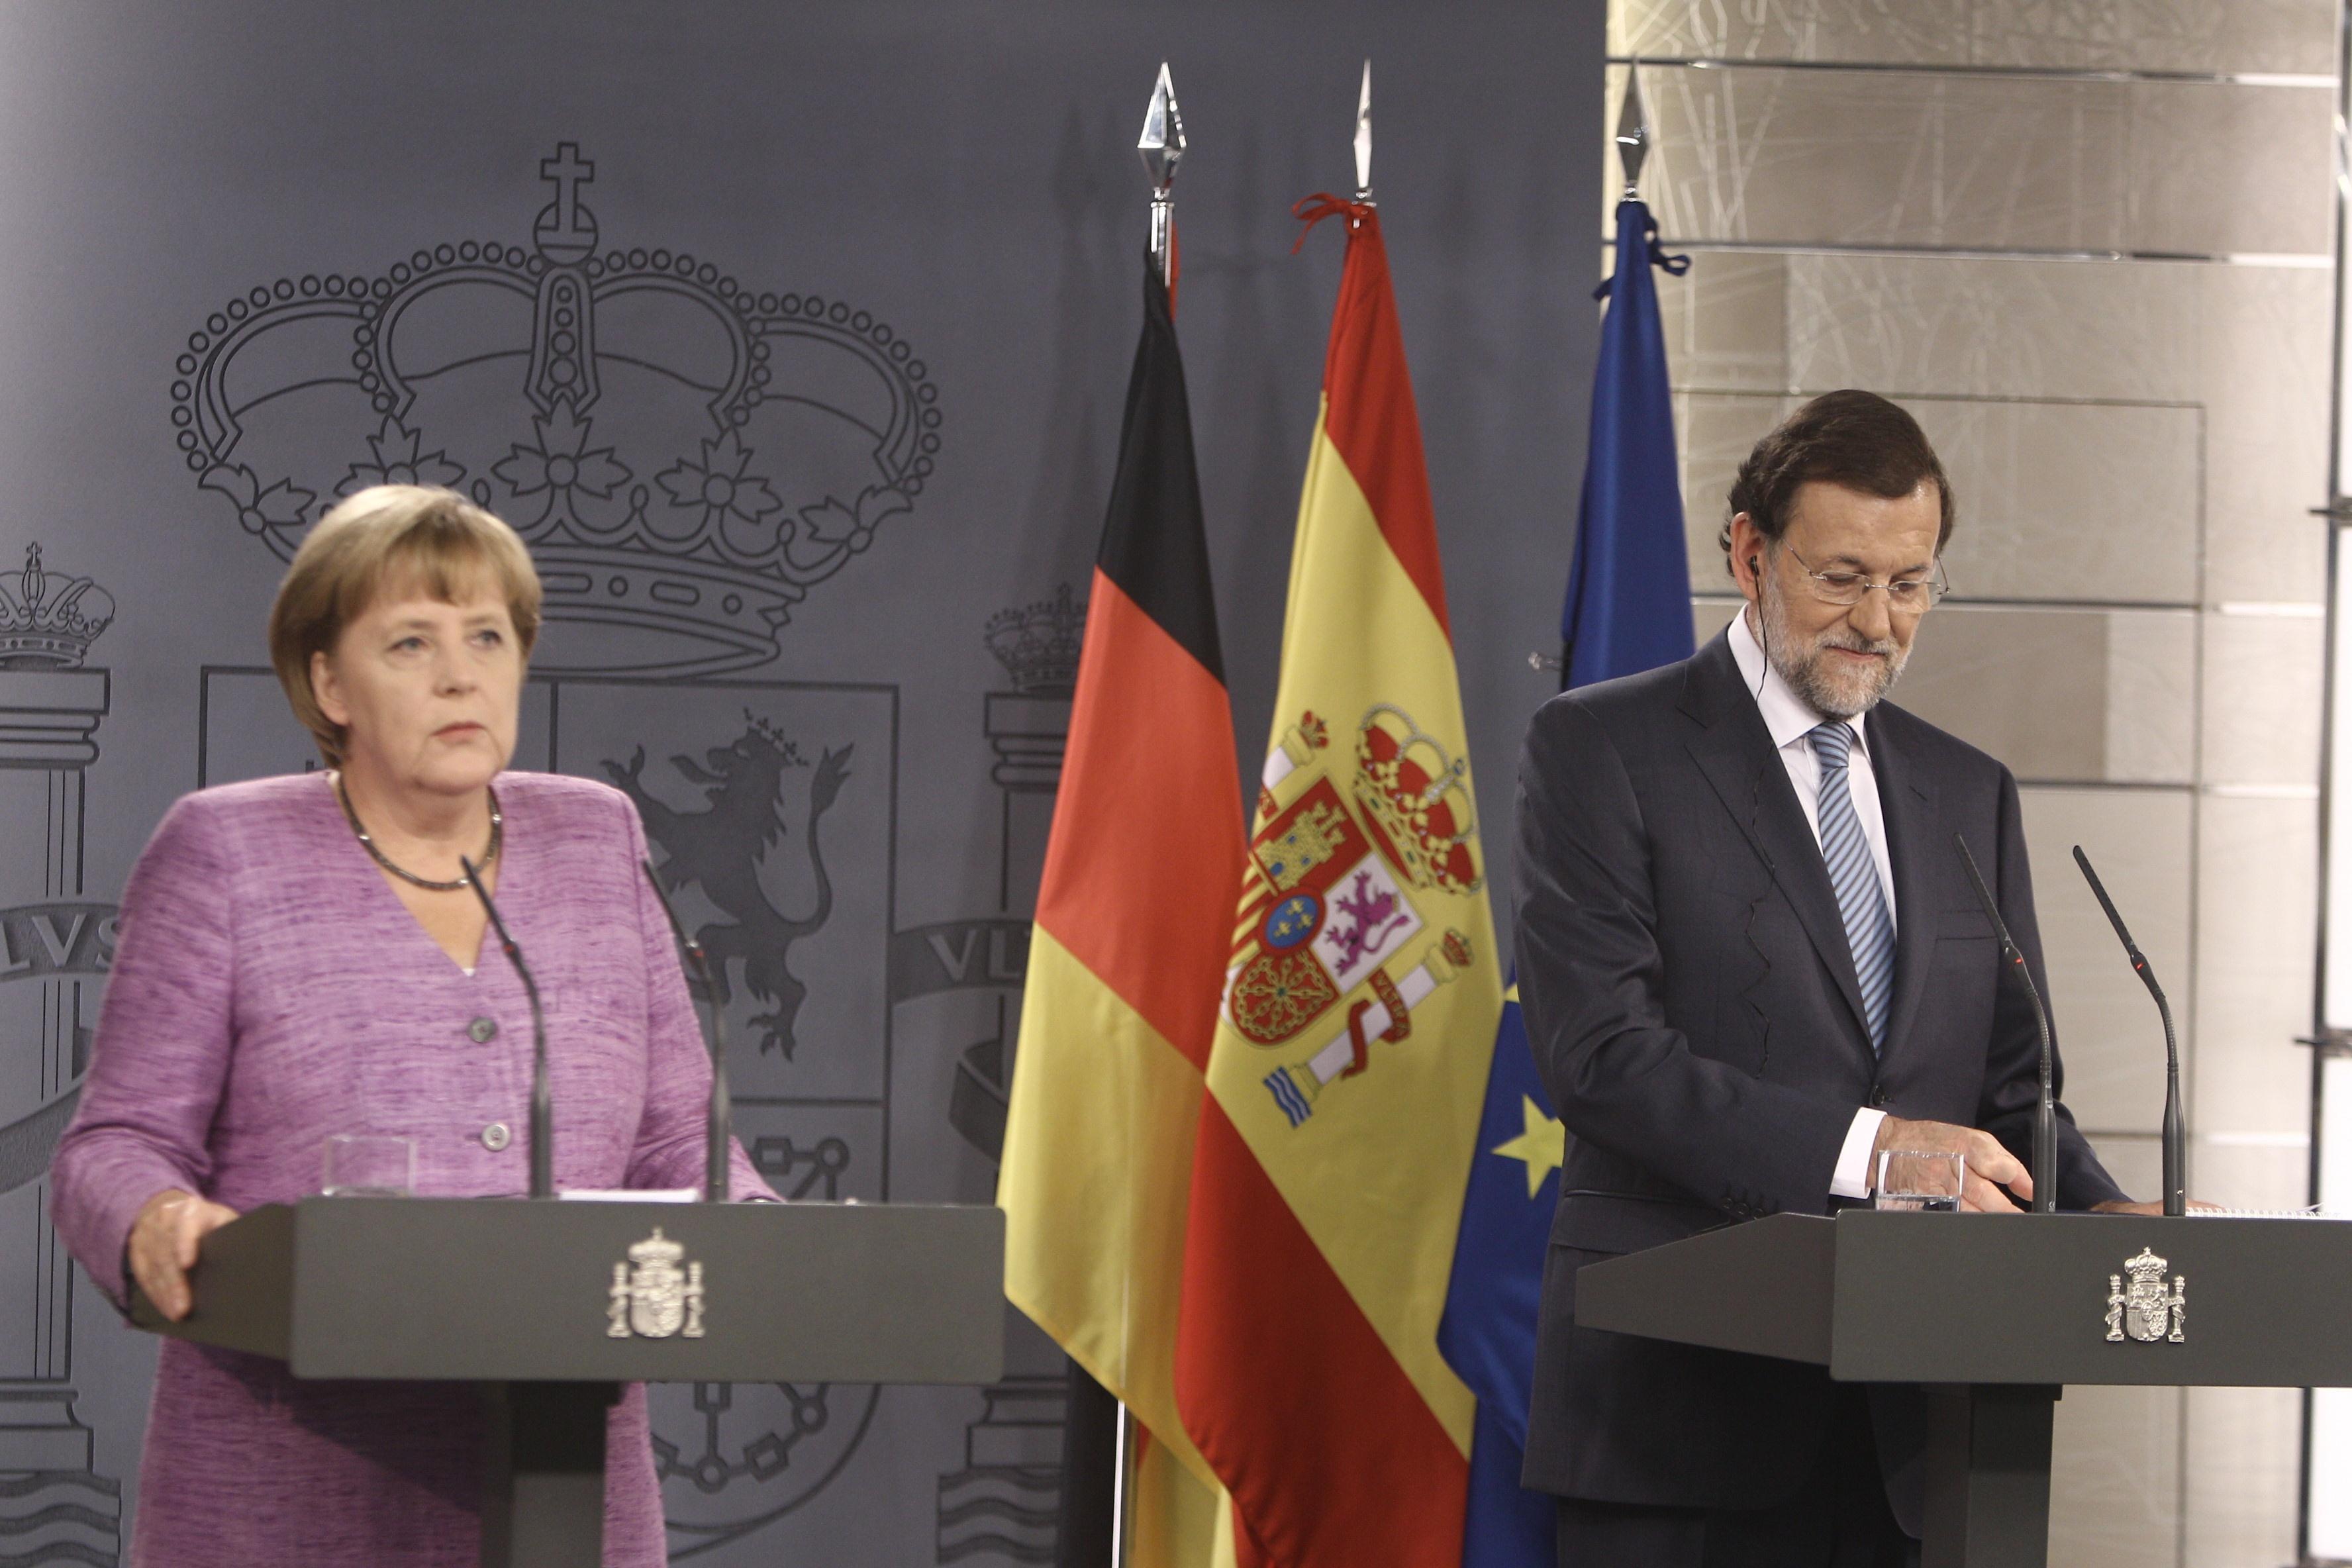 Rajoy volverá a contactar este lunes con Merkel para mantener una charla más tranquila tras su victoria electoral